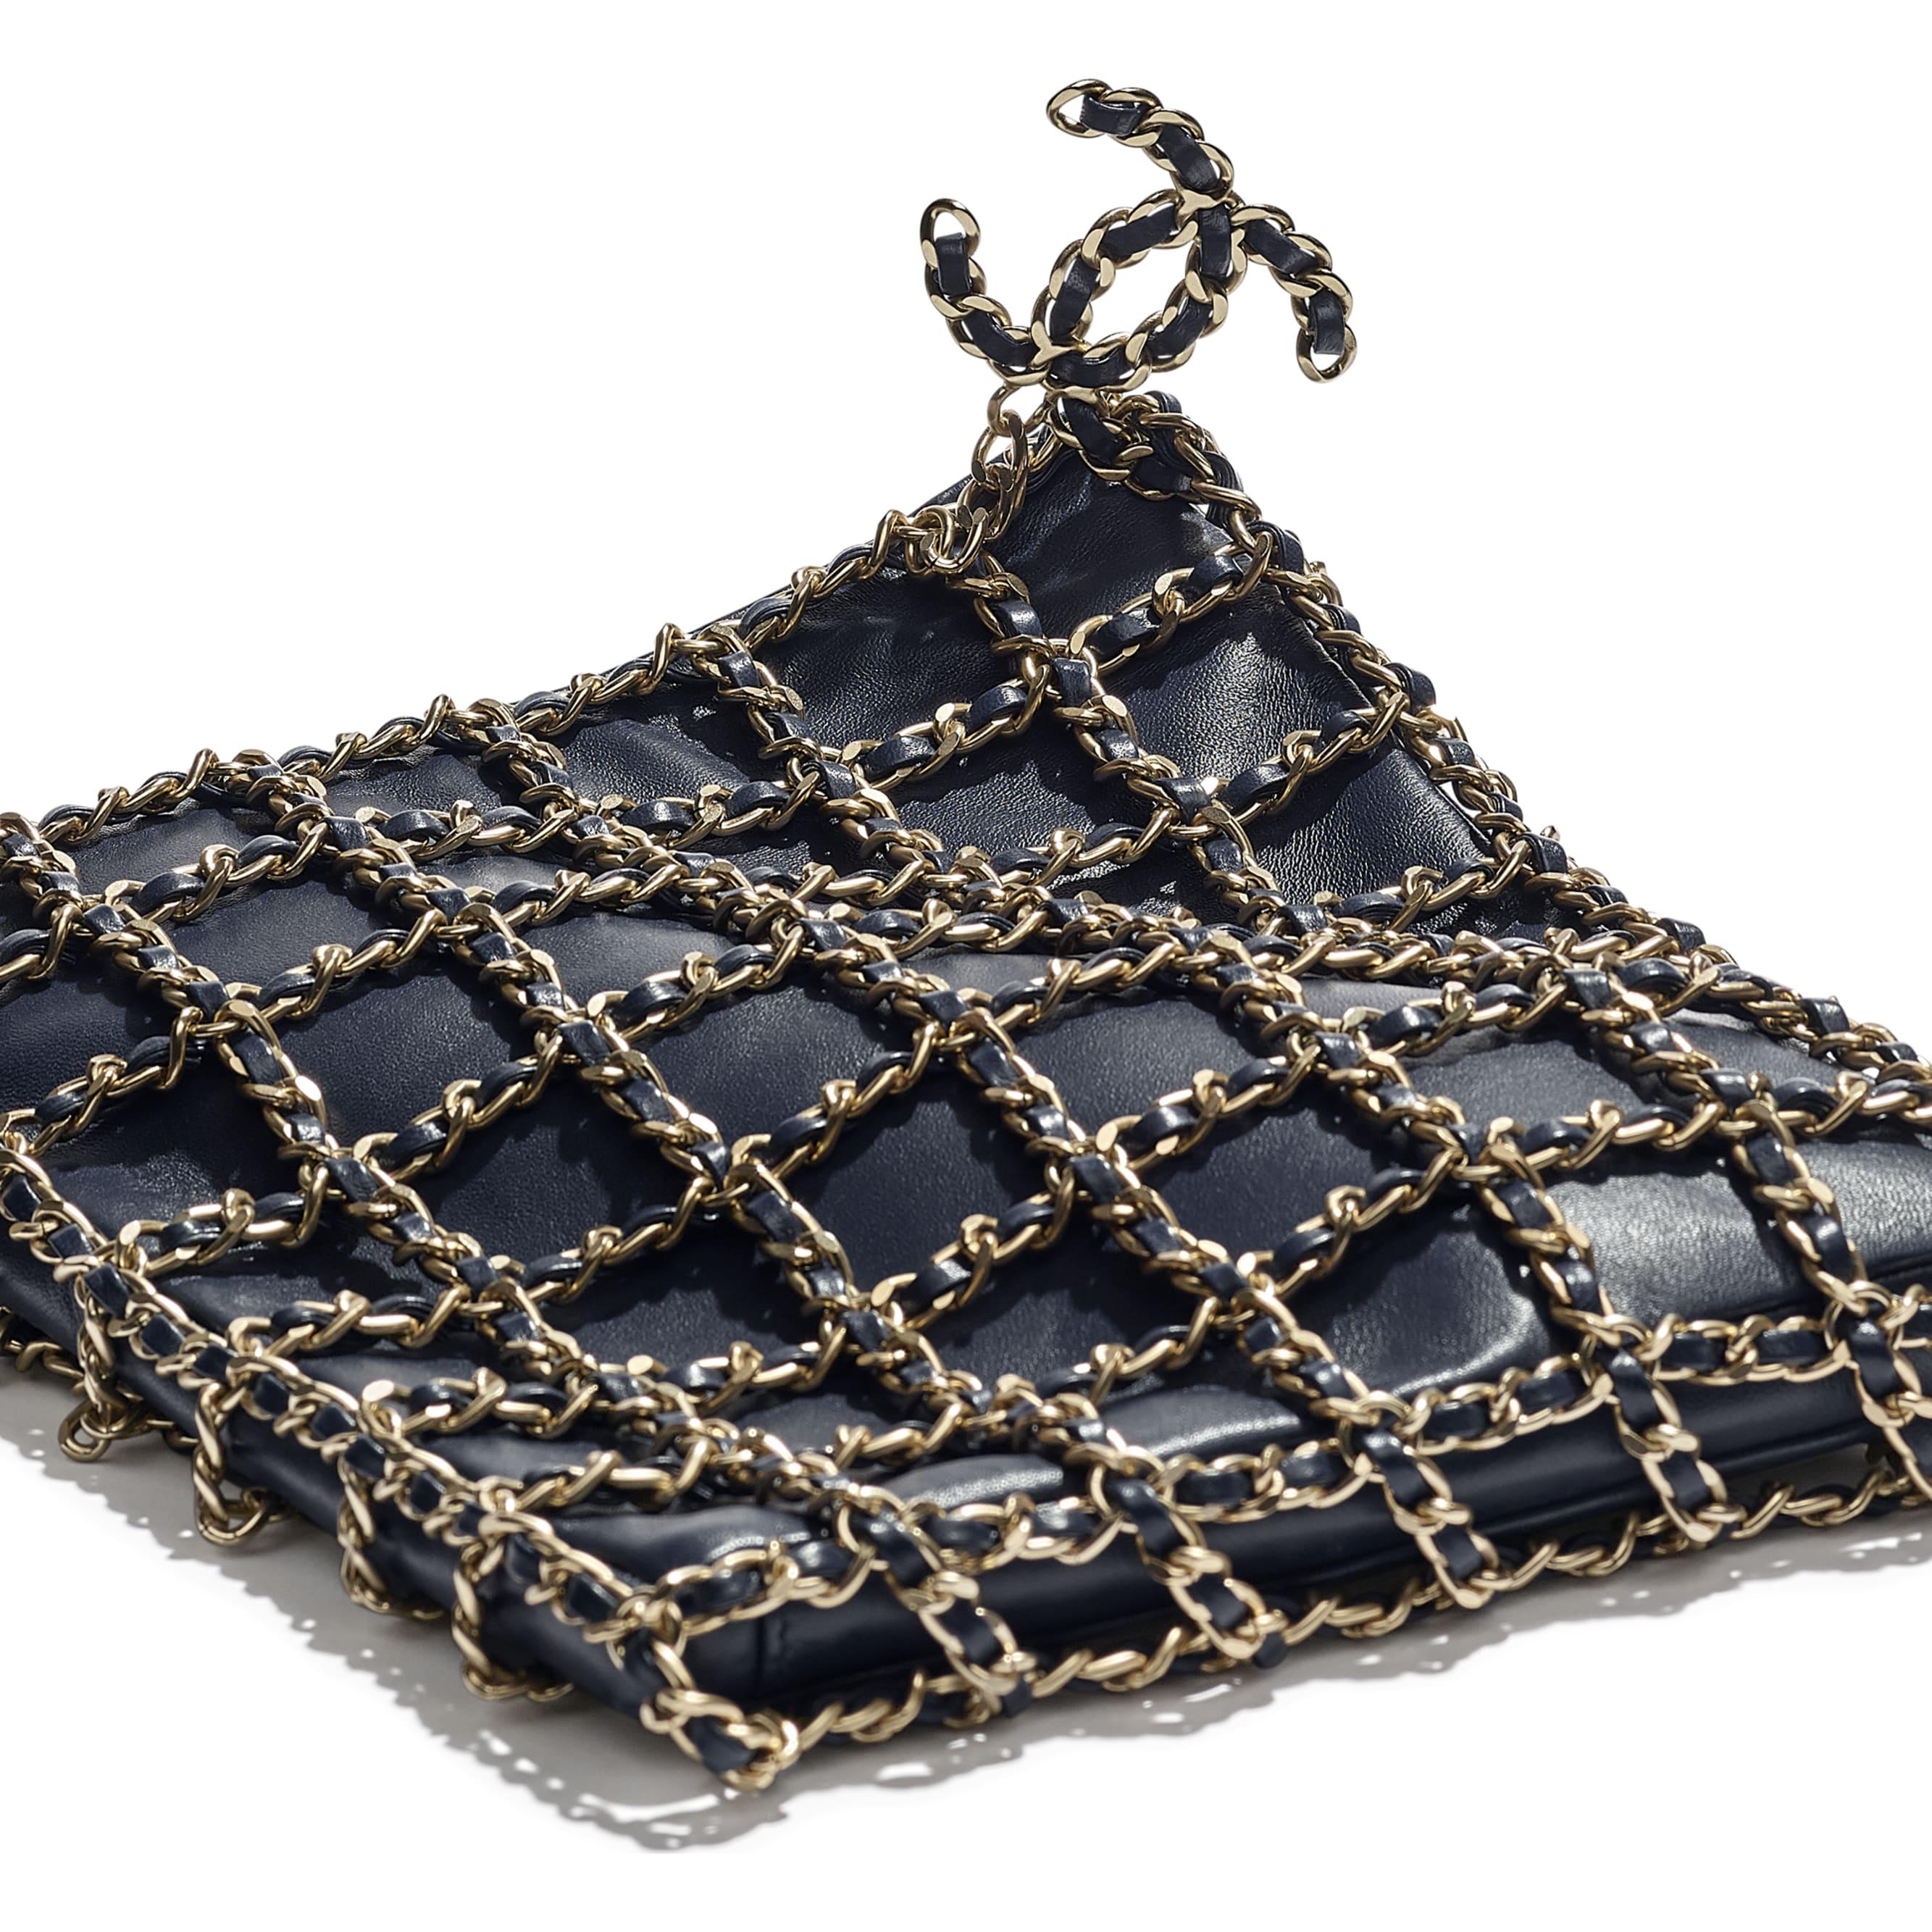 小型購物包 - 海軍藍 - 小羊皮與金色金屬 - CHANEL - 額外視圖 - 查看標準尺寸版本